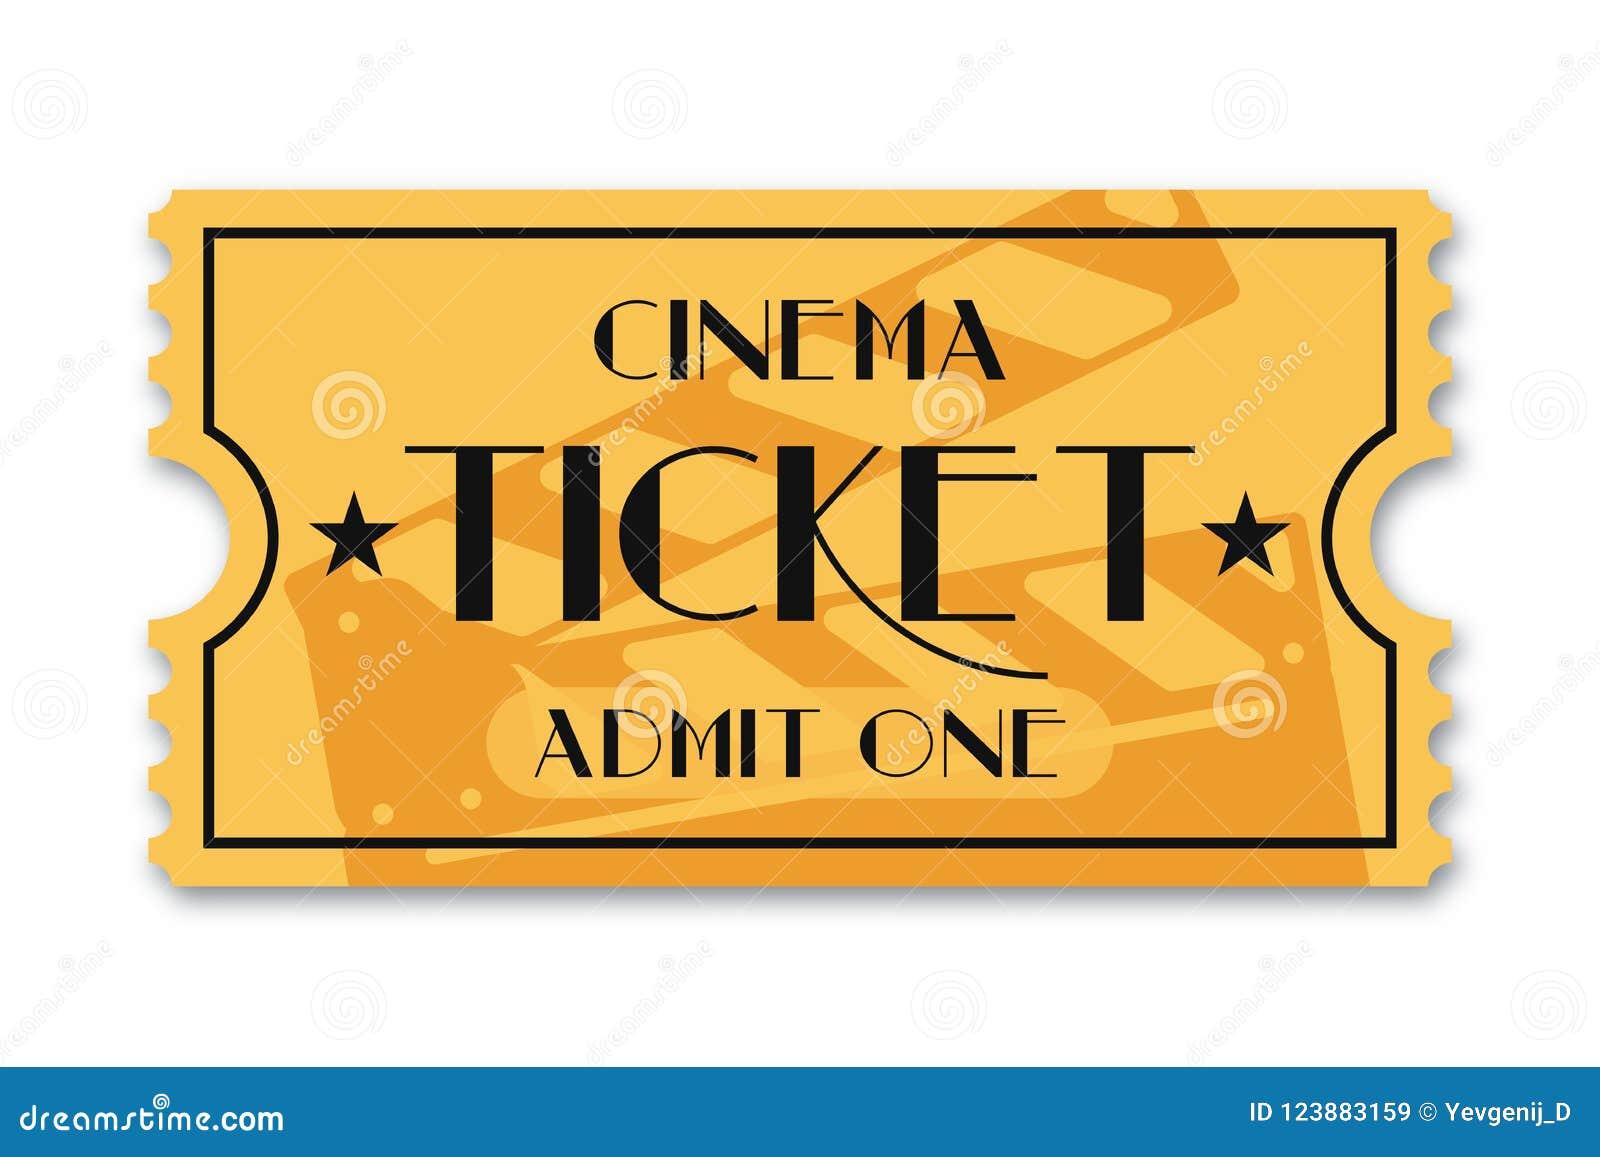 Cinema Ticket Isolated On Background. Vintage Admission Movie Ticket ...